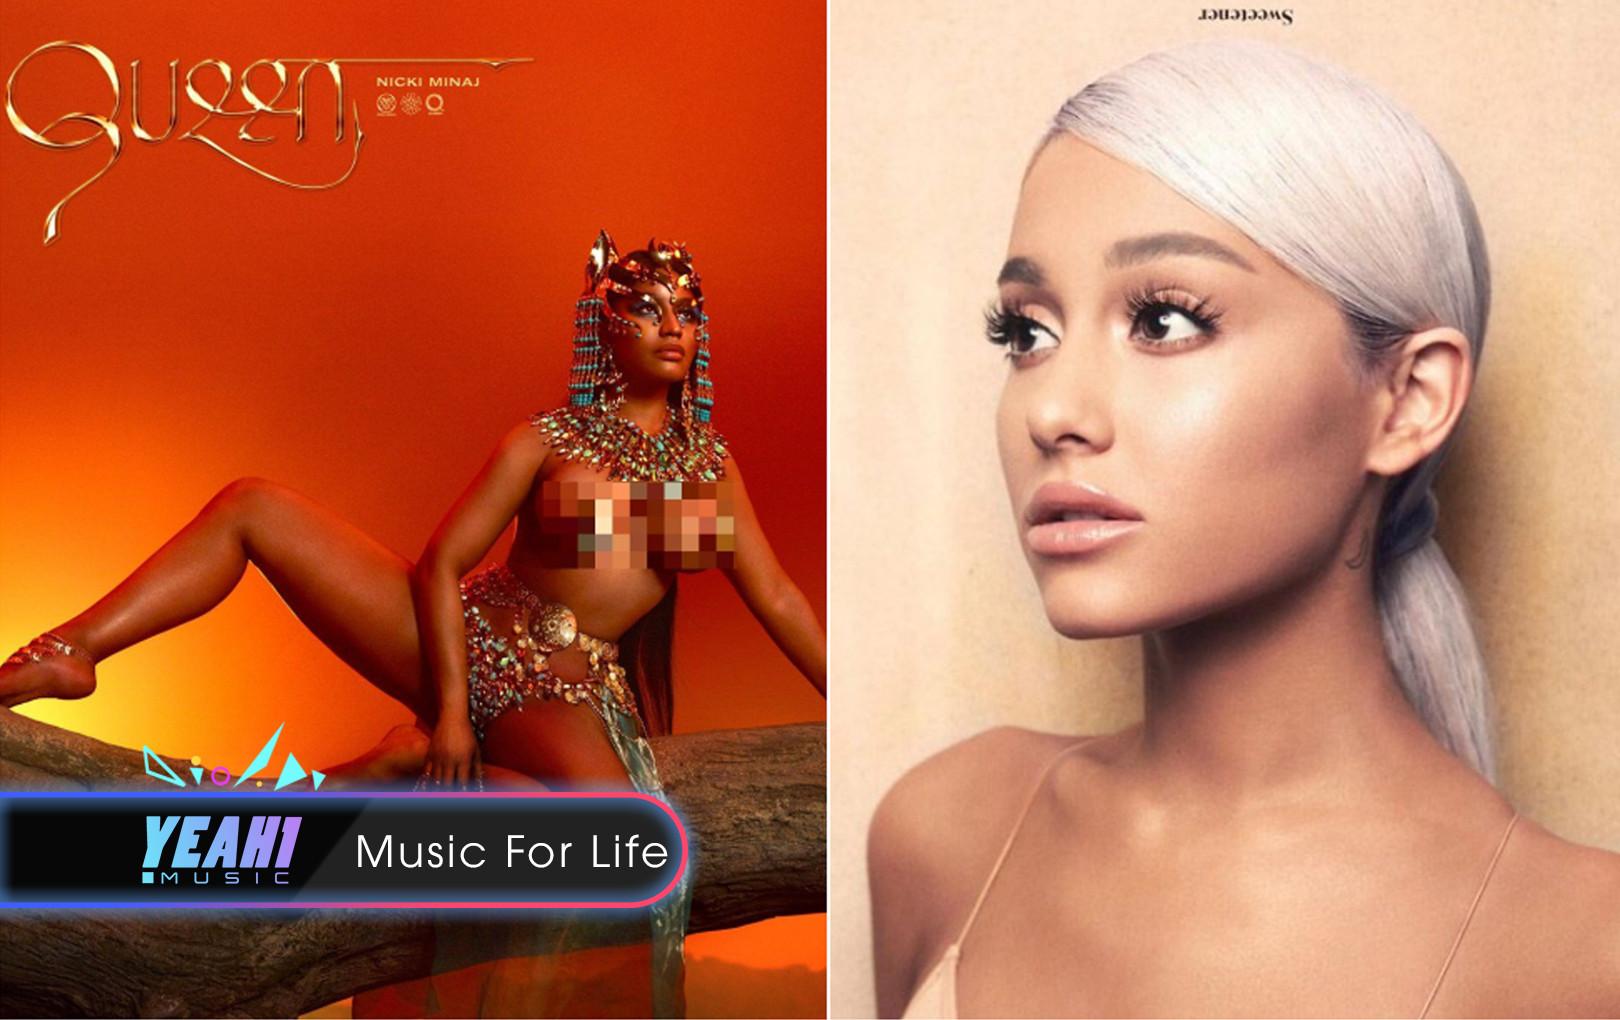 """Quyết giữ quan hệ """"chị em"""" với Nicki Minaj, Ariana đã có hành động bất ngờ này!"""